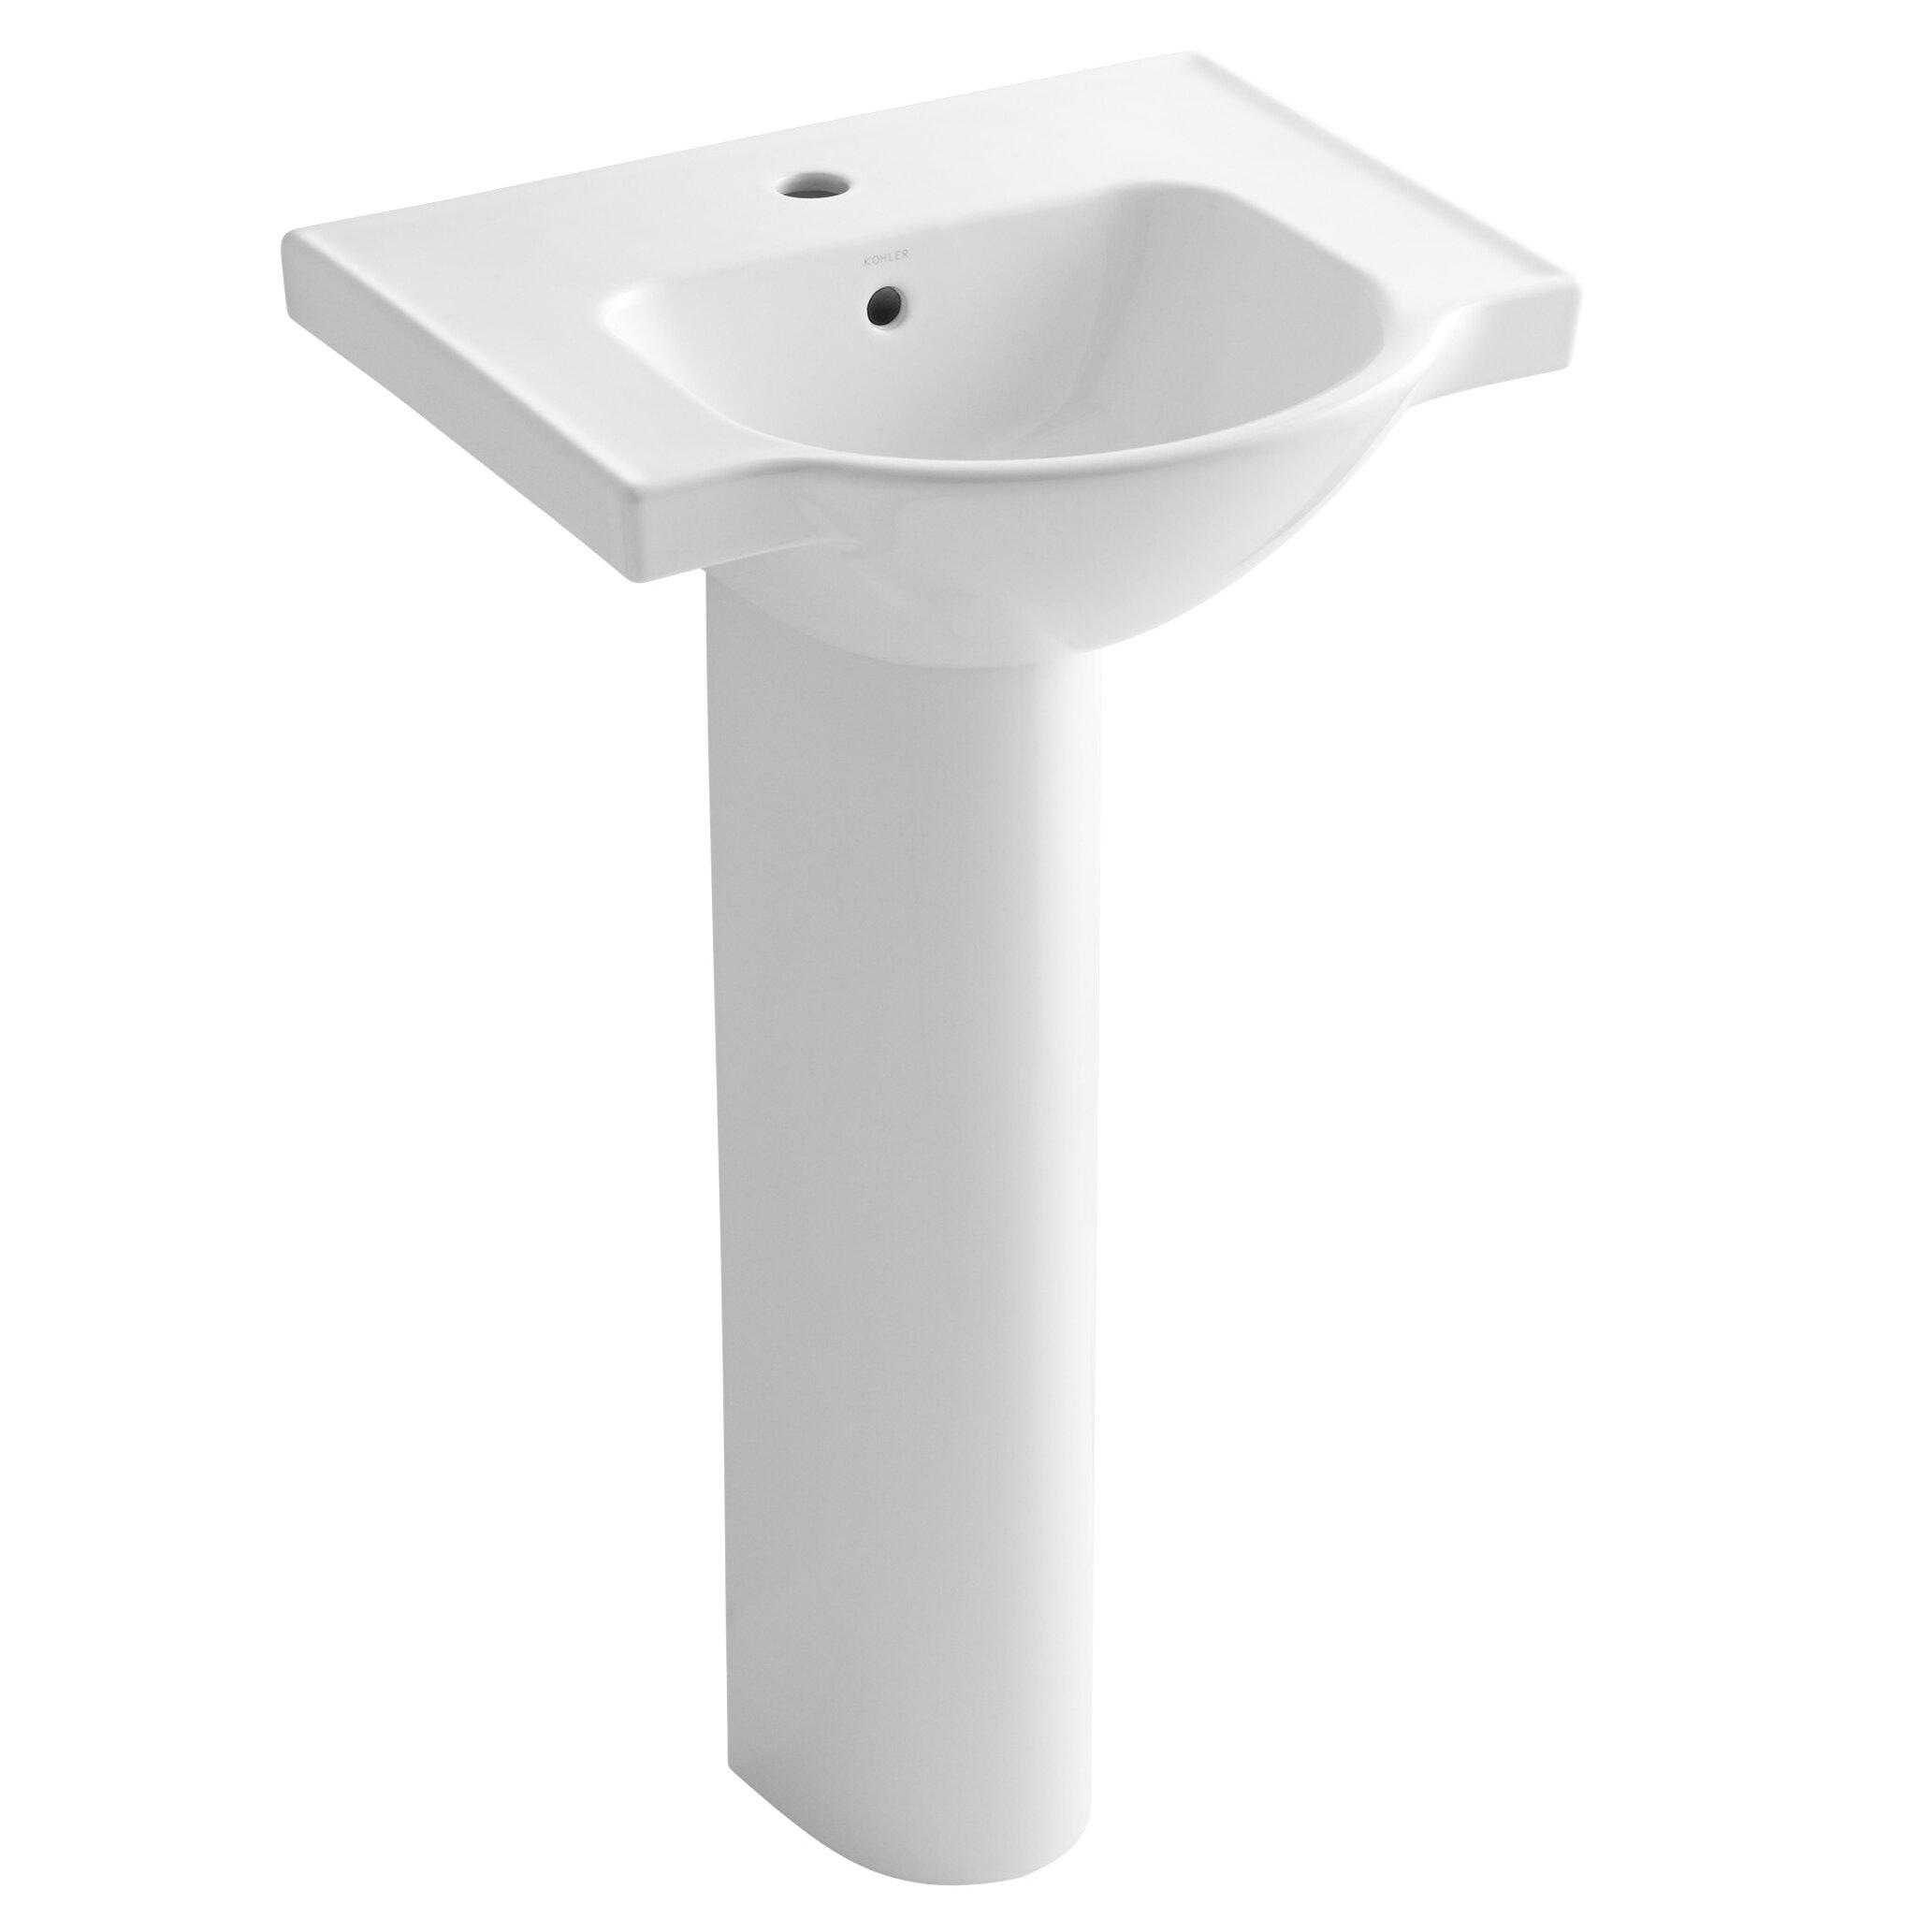 sinks pedestal x product vanity amerisink sink